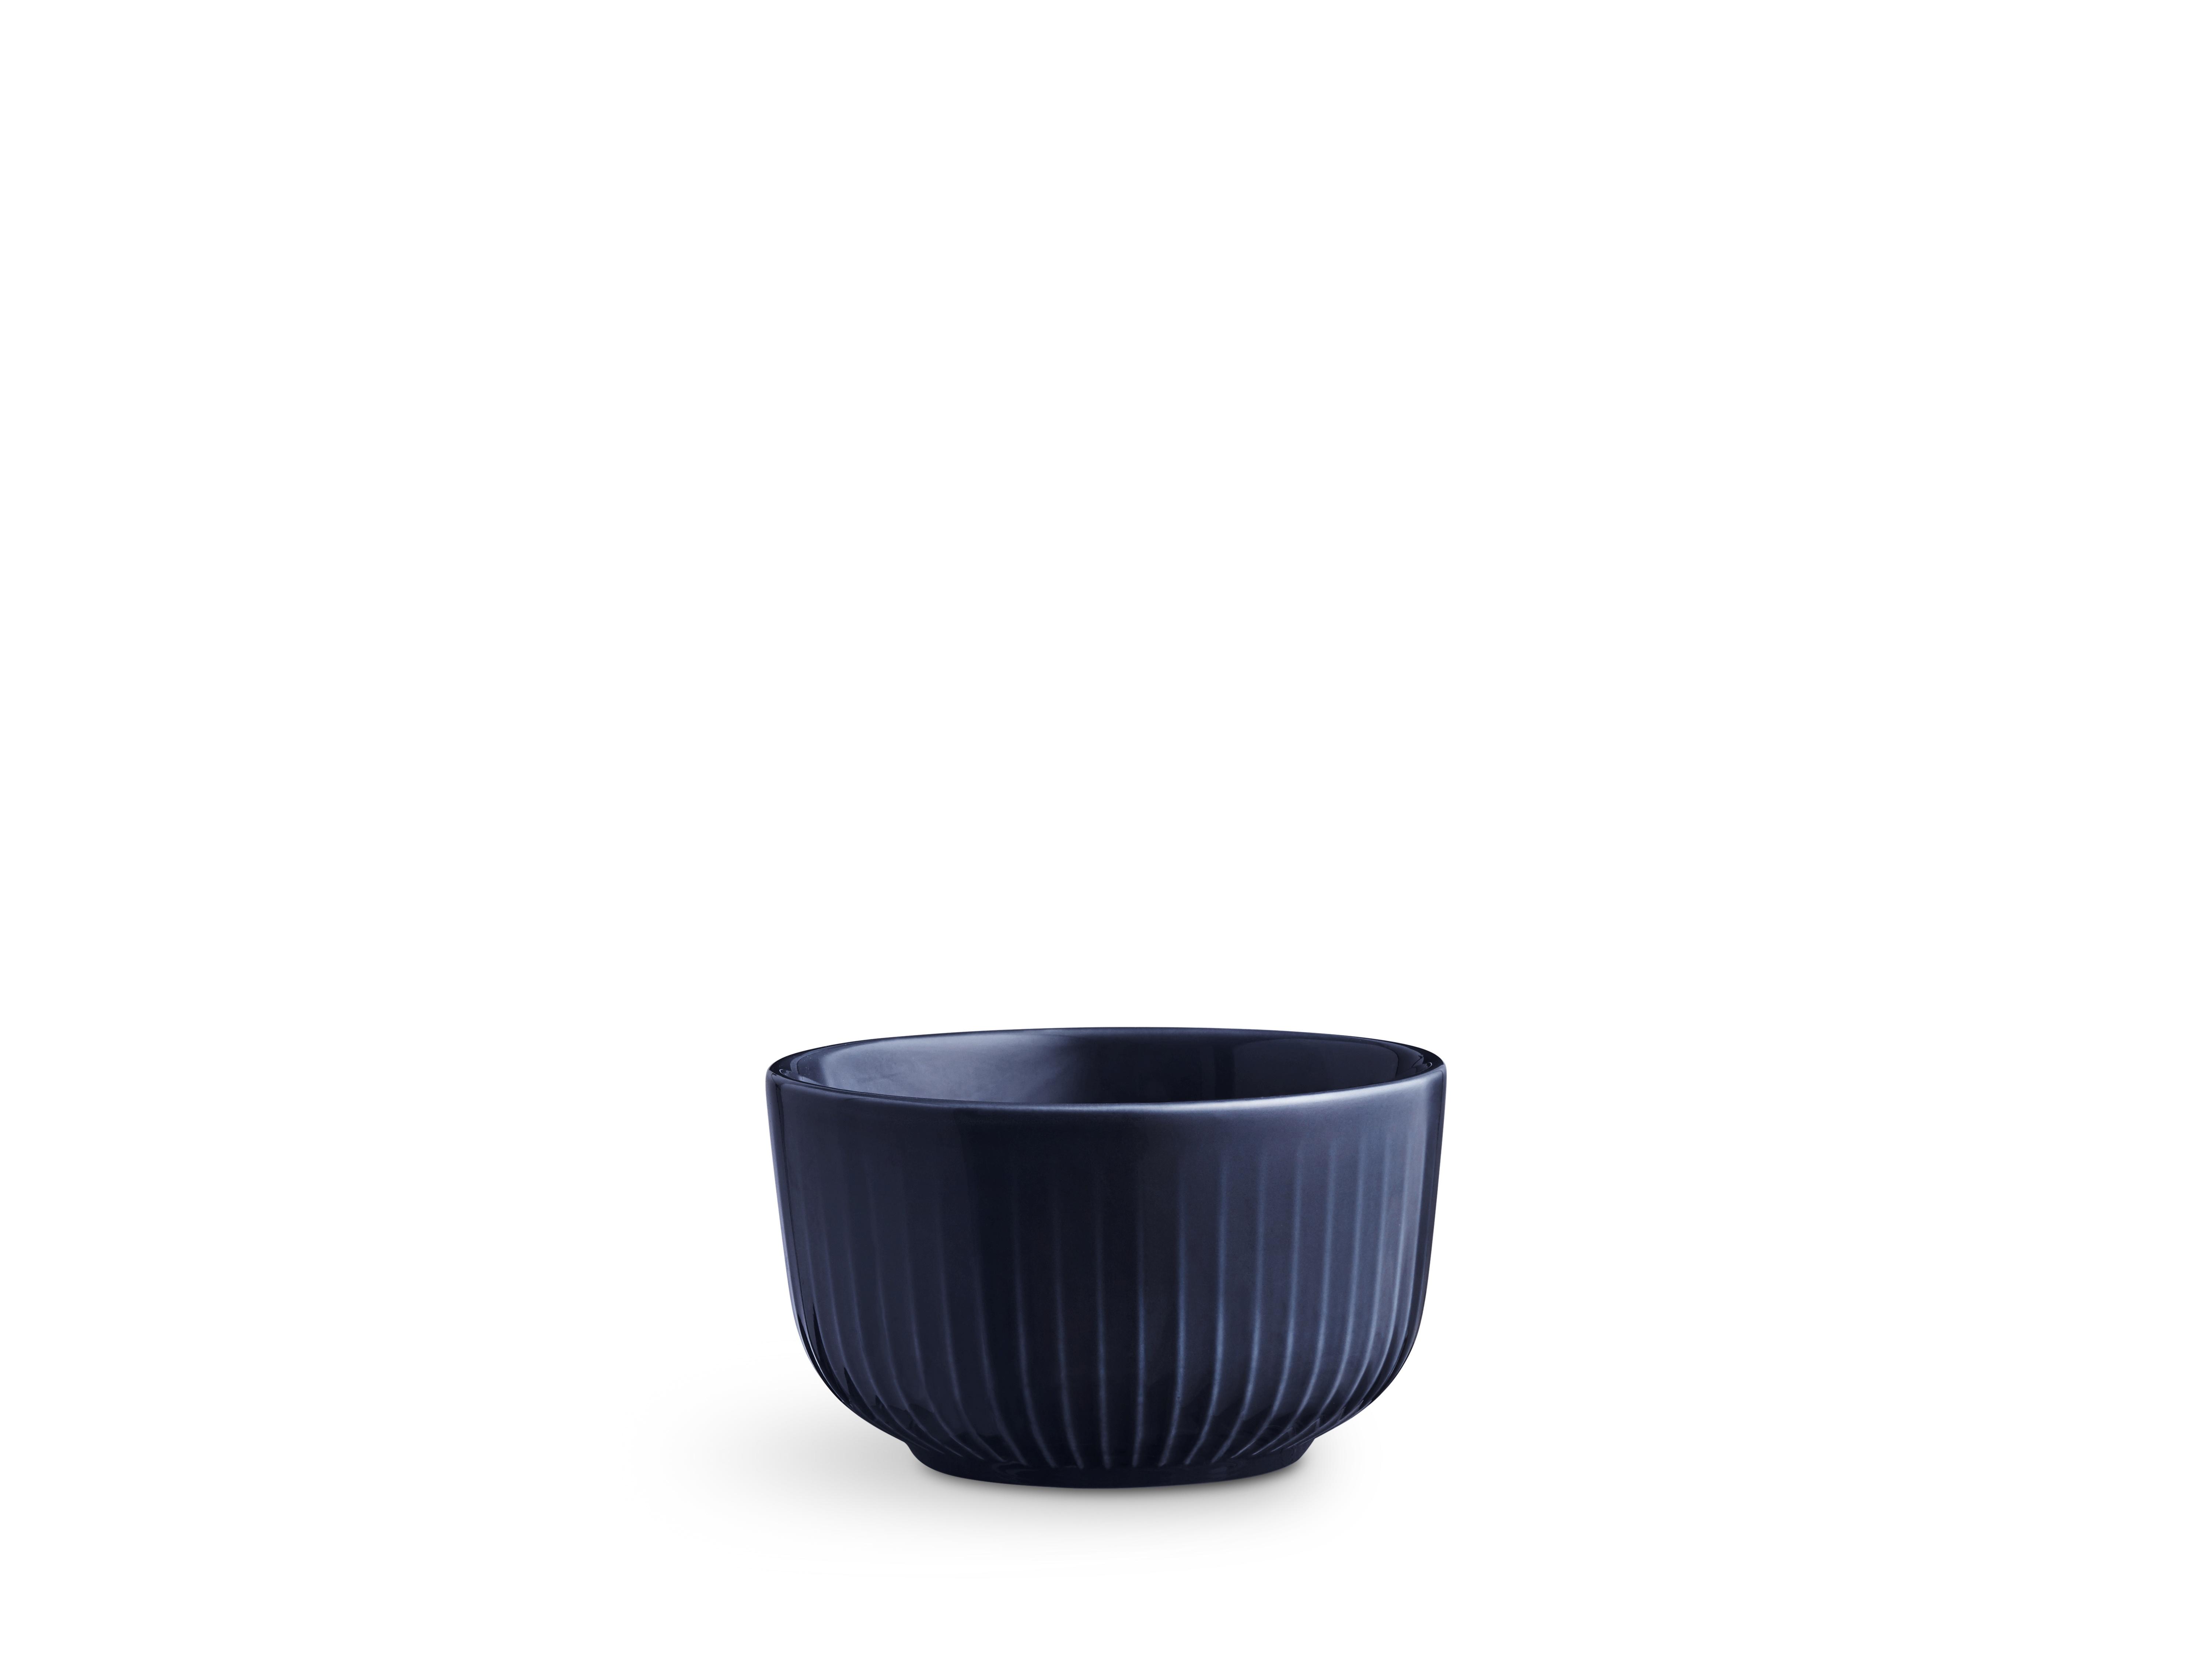 Kähler Hammershøi skål, Ø11 cm, indigo